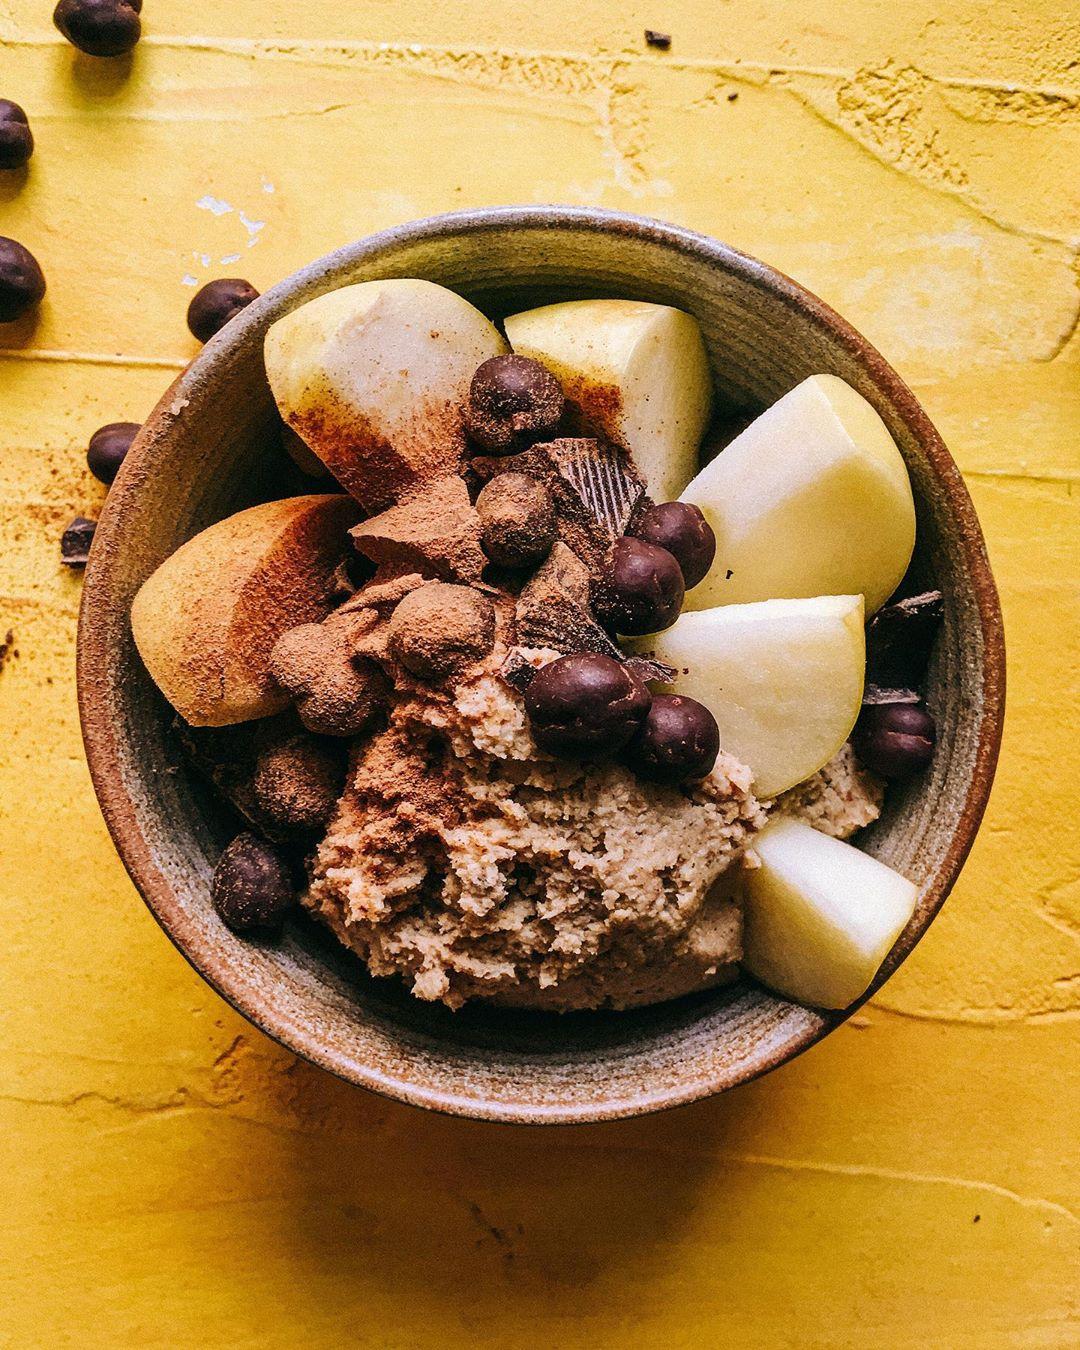 Süßer Hummus / Cookie Dough aus Kichererbsen